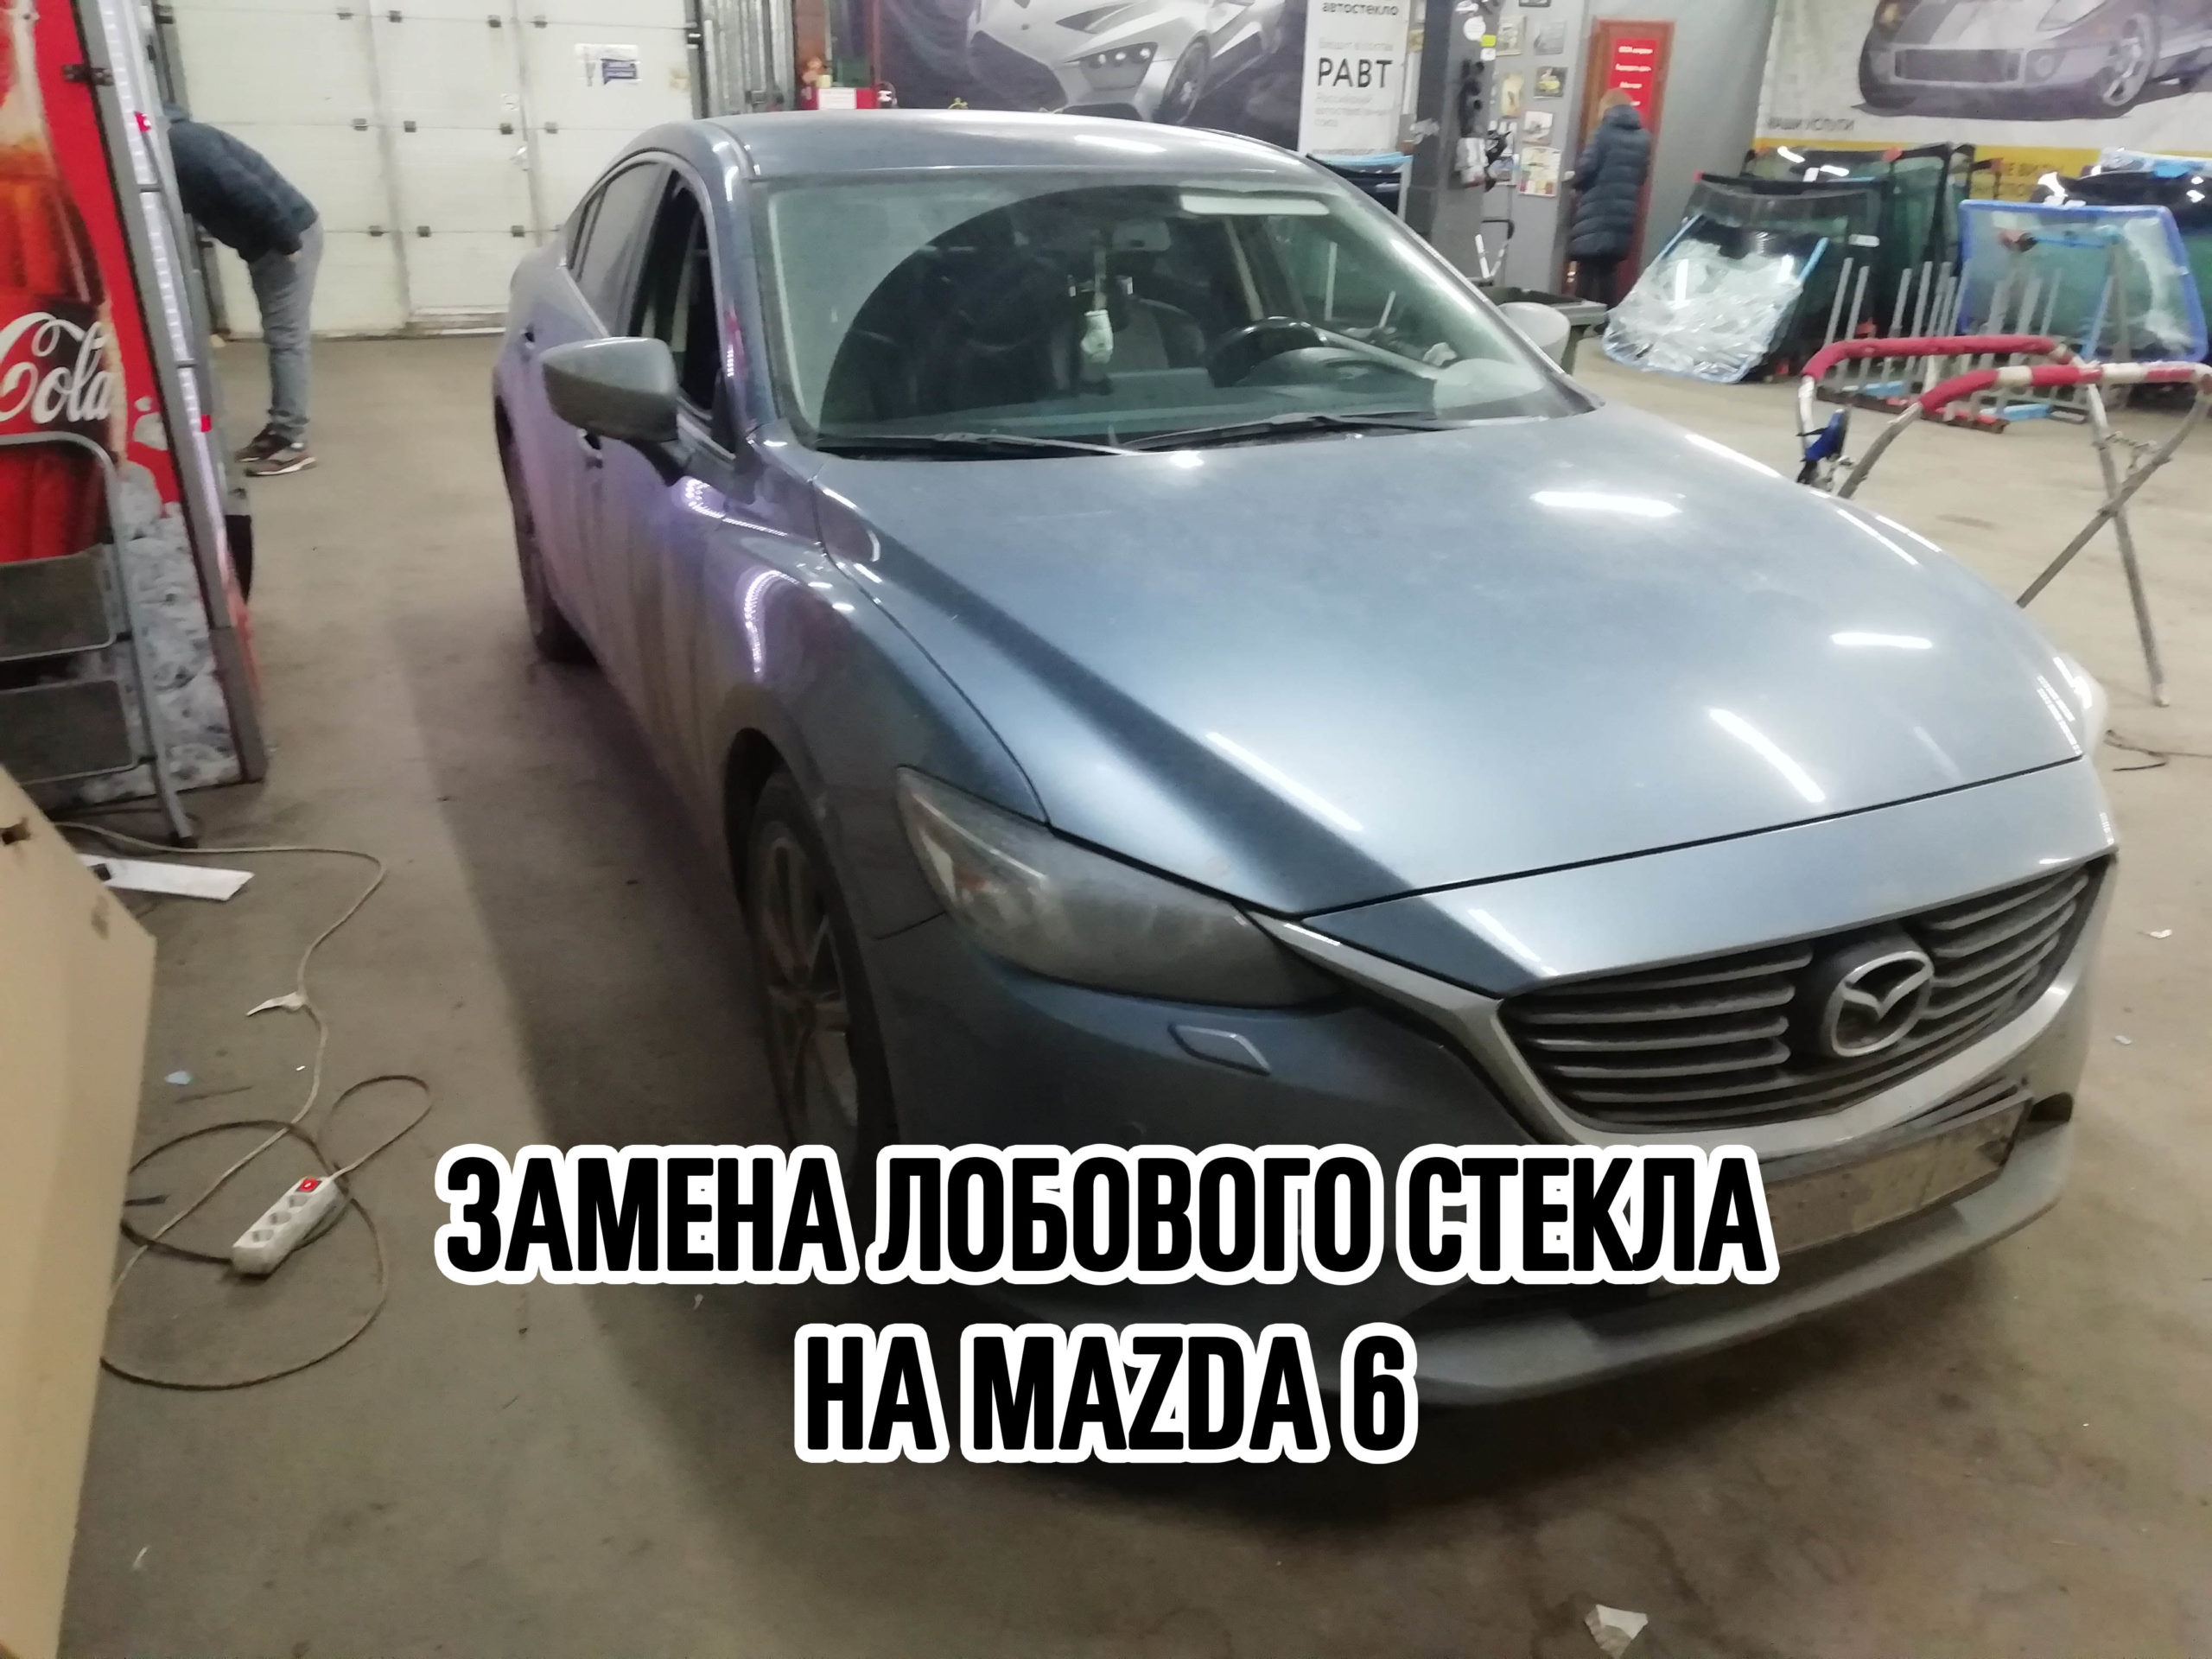 Лобовое стекло на Mazda 6 купить и установить в Москве